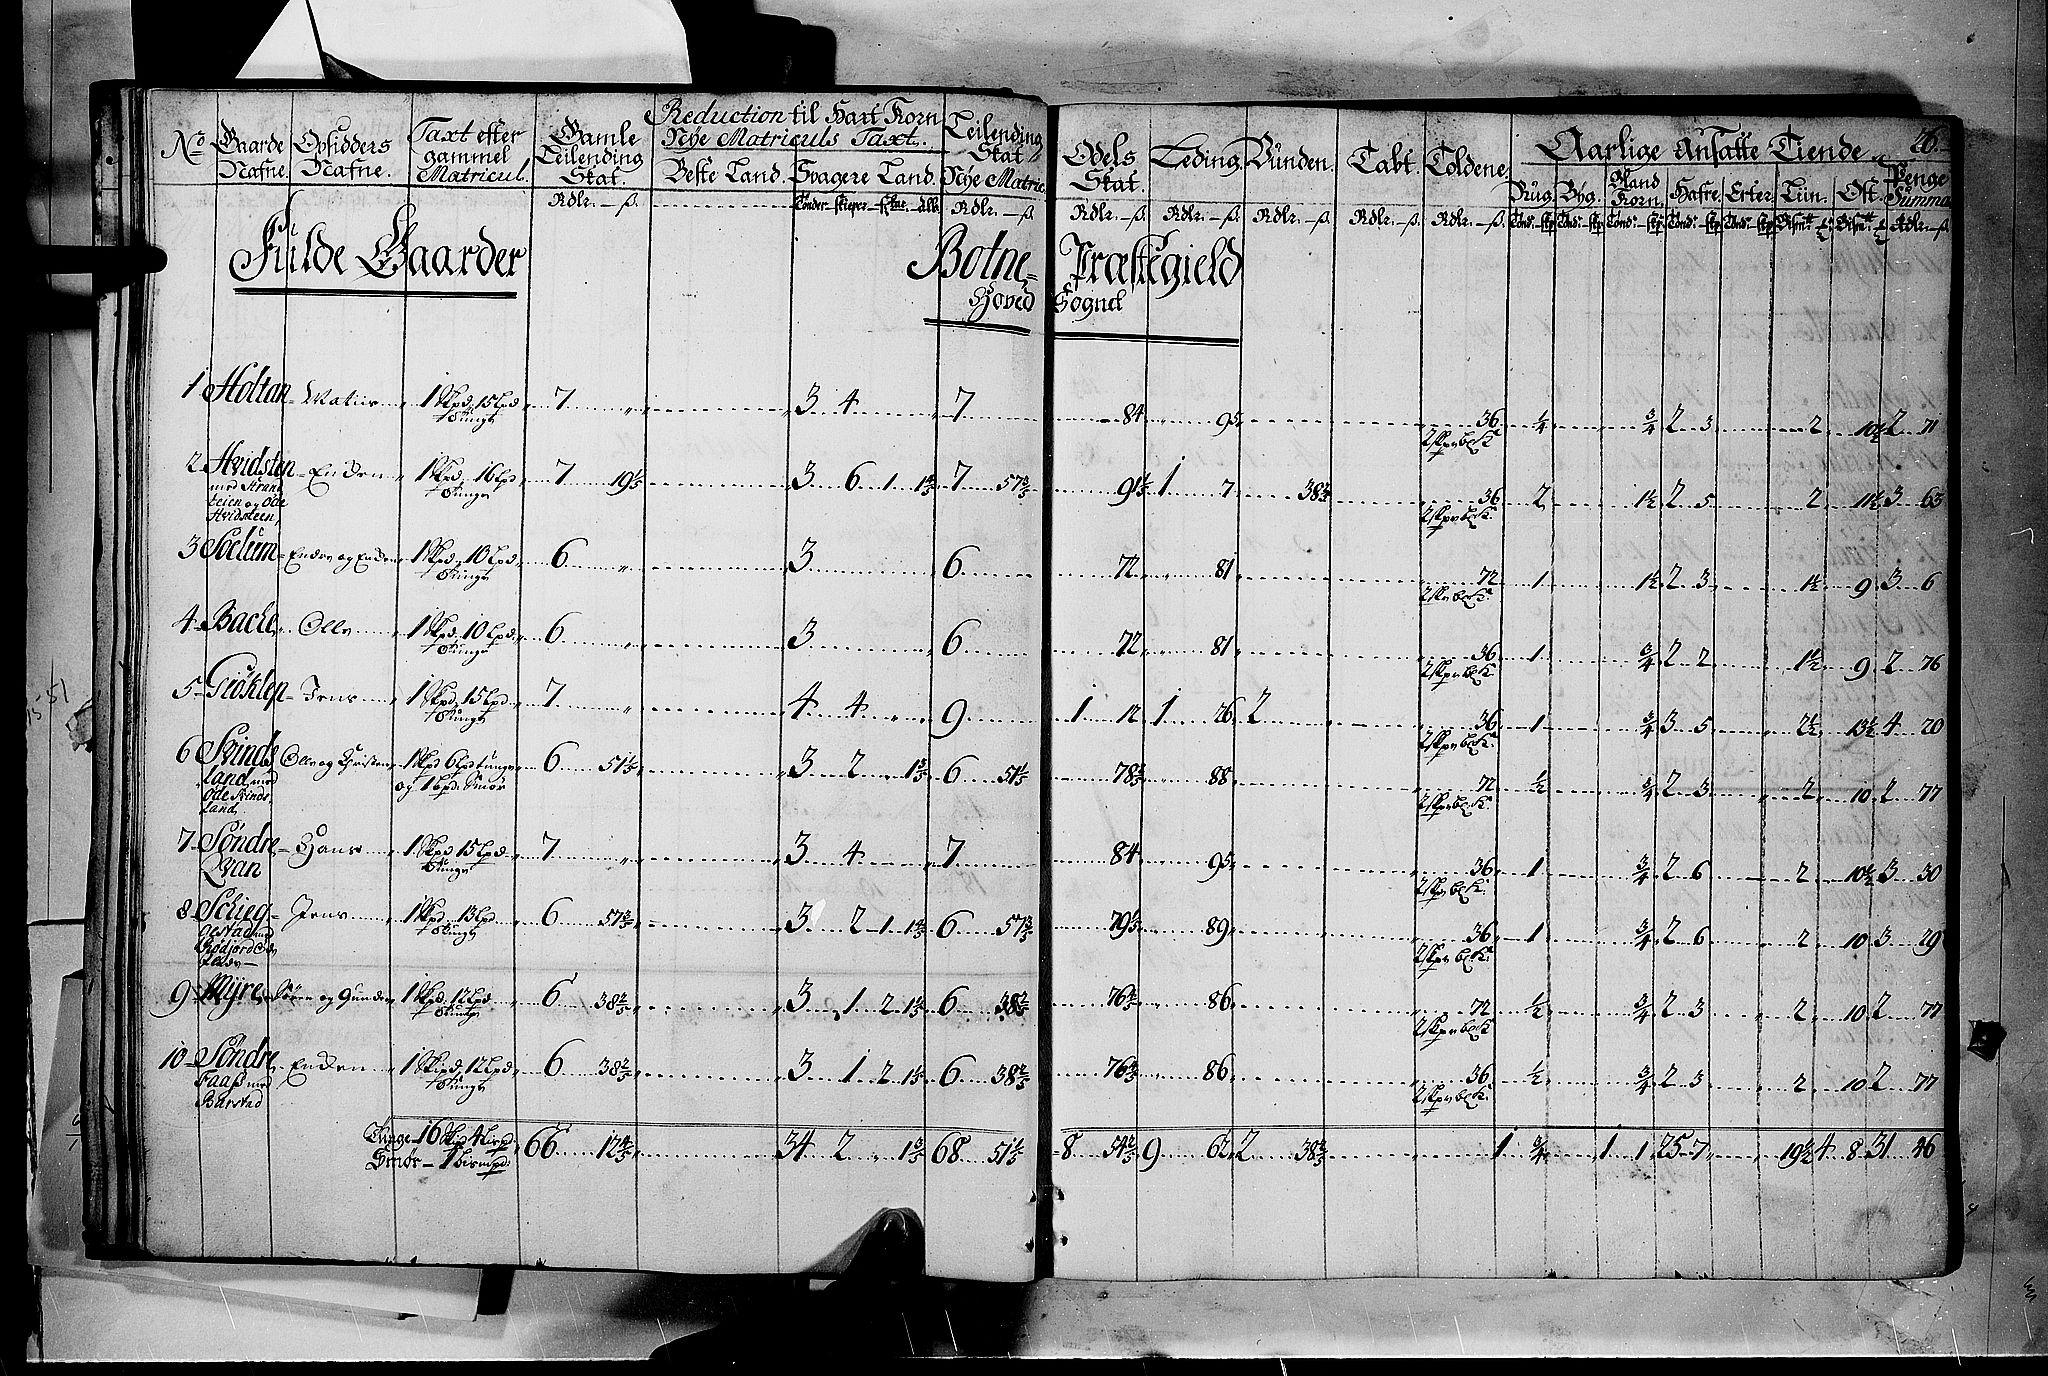 RA, Rentekammeret inntil 1814, Realistisk ordnet avdeling, N/Nb/Nbf/L0116: Jarlsberg grevskap matrikkelprotokoll, 1723, s. 25b-26a